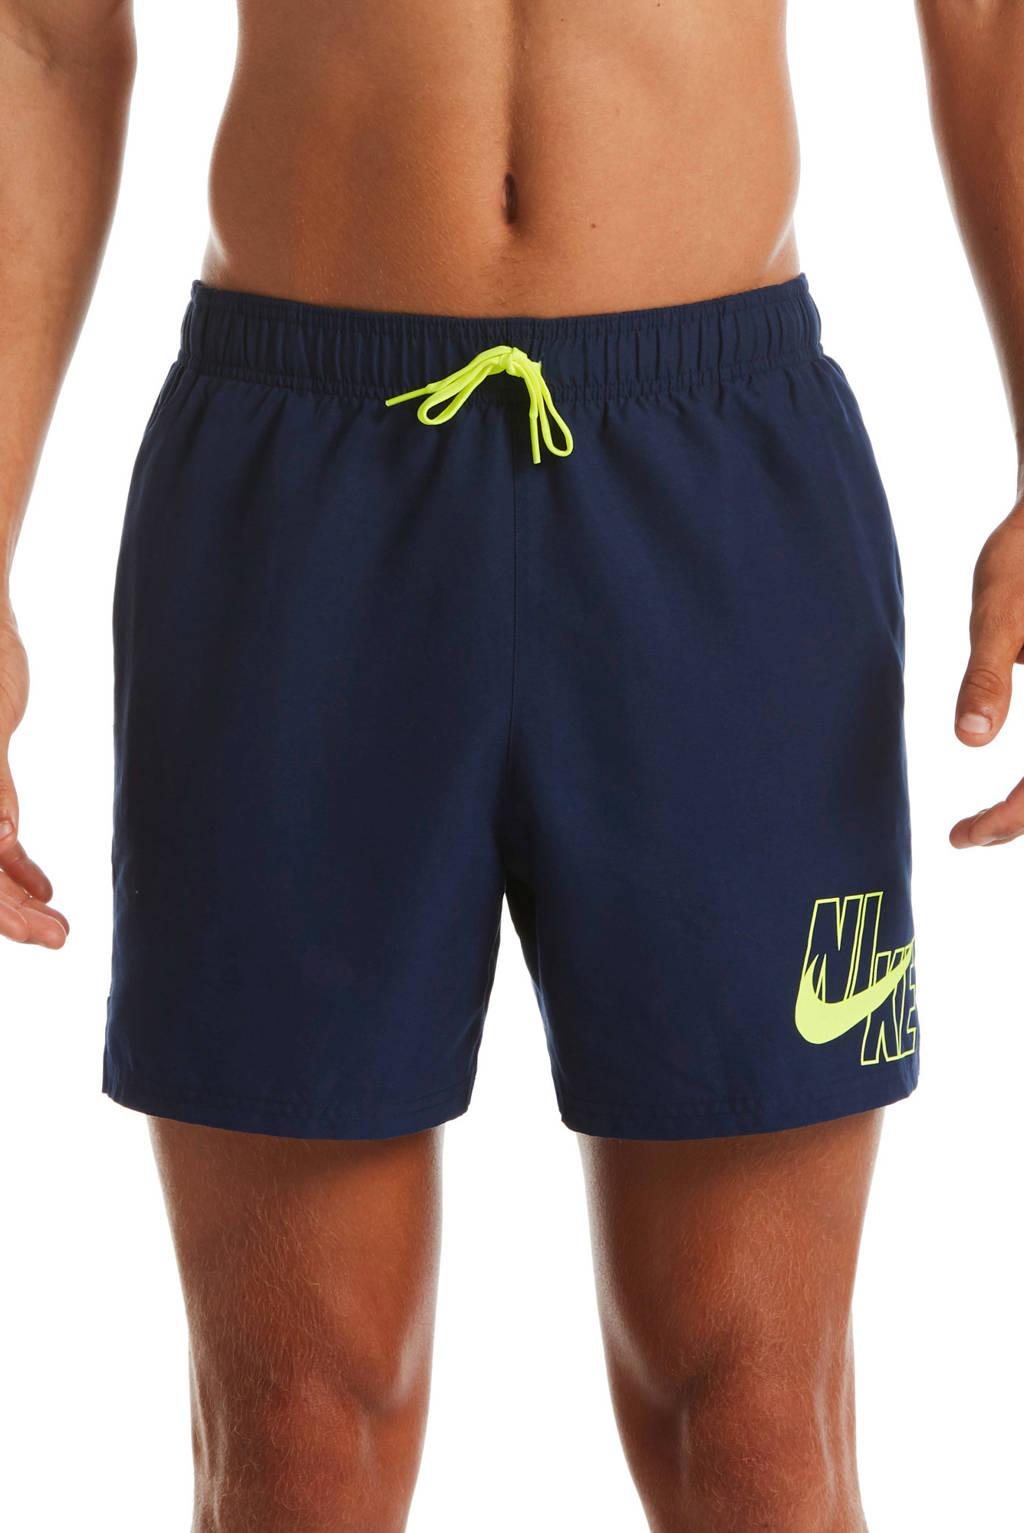 Nike zwemshort blauw/geel, Blauw/geel